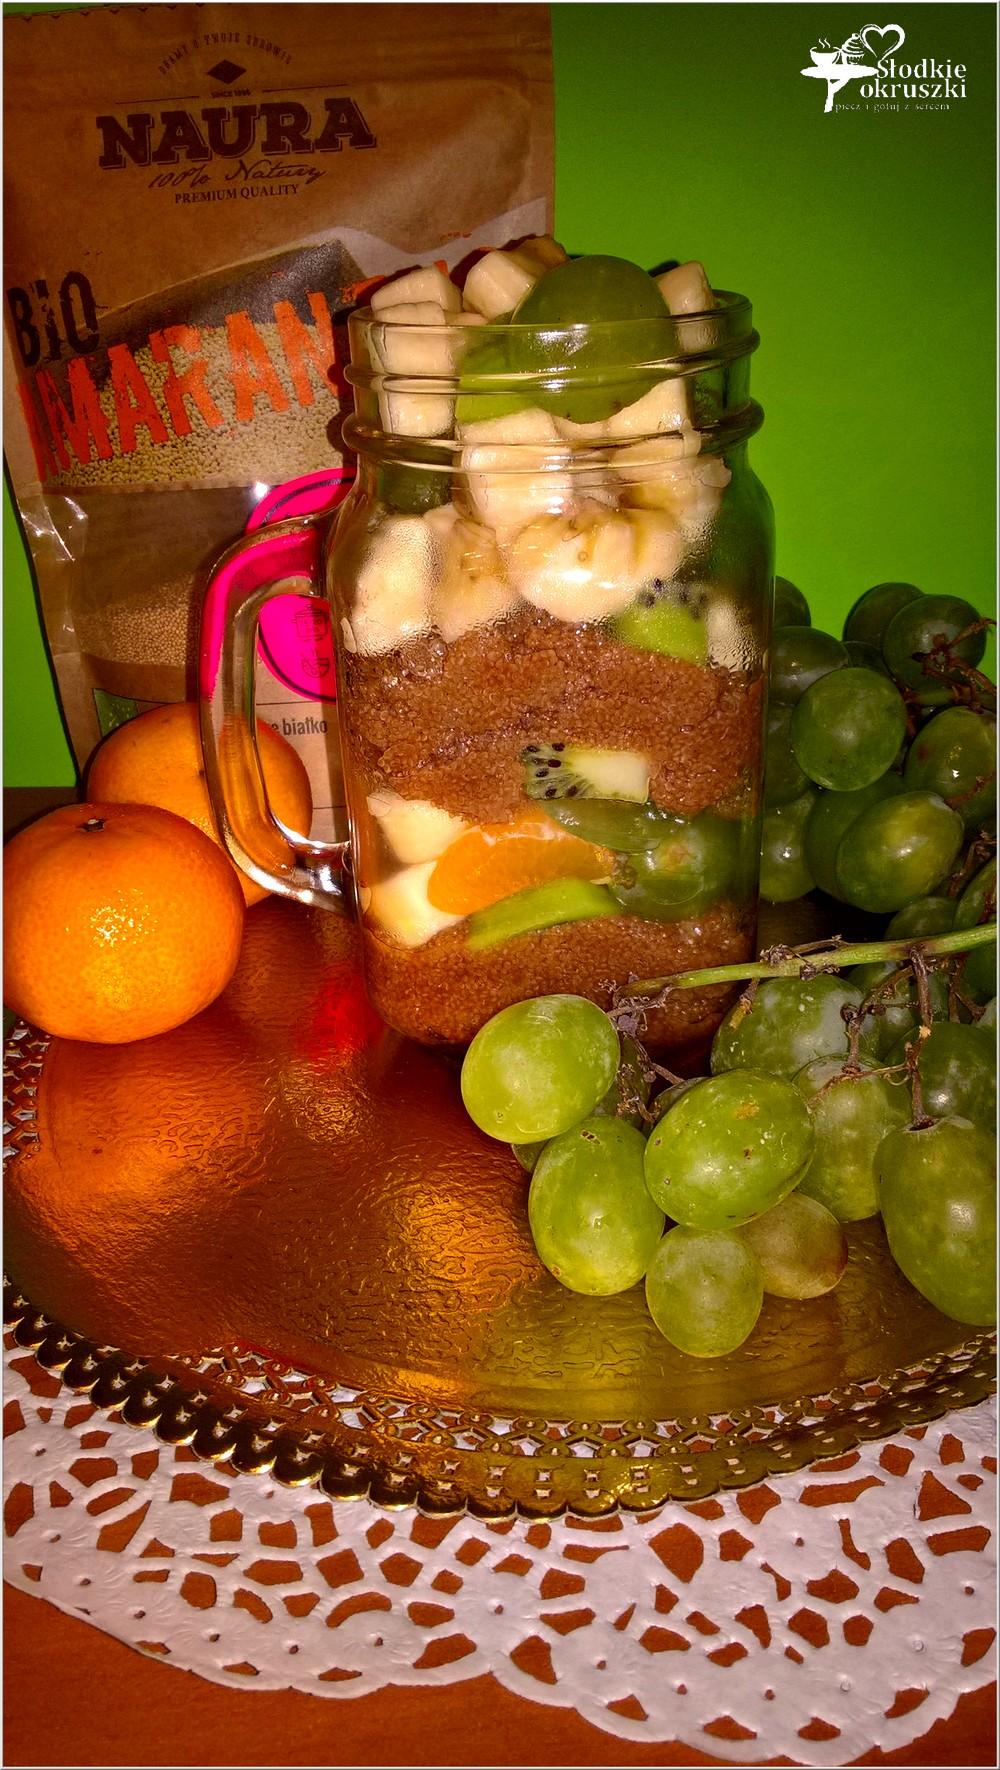 zdrowa-salatka-owocowa-z-cynamonowym-amarantusem-2